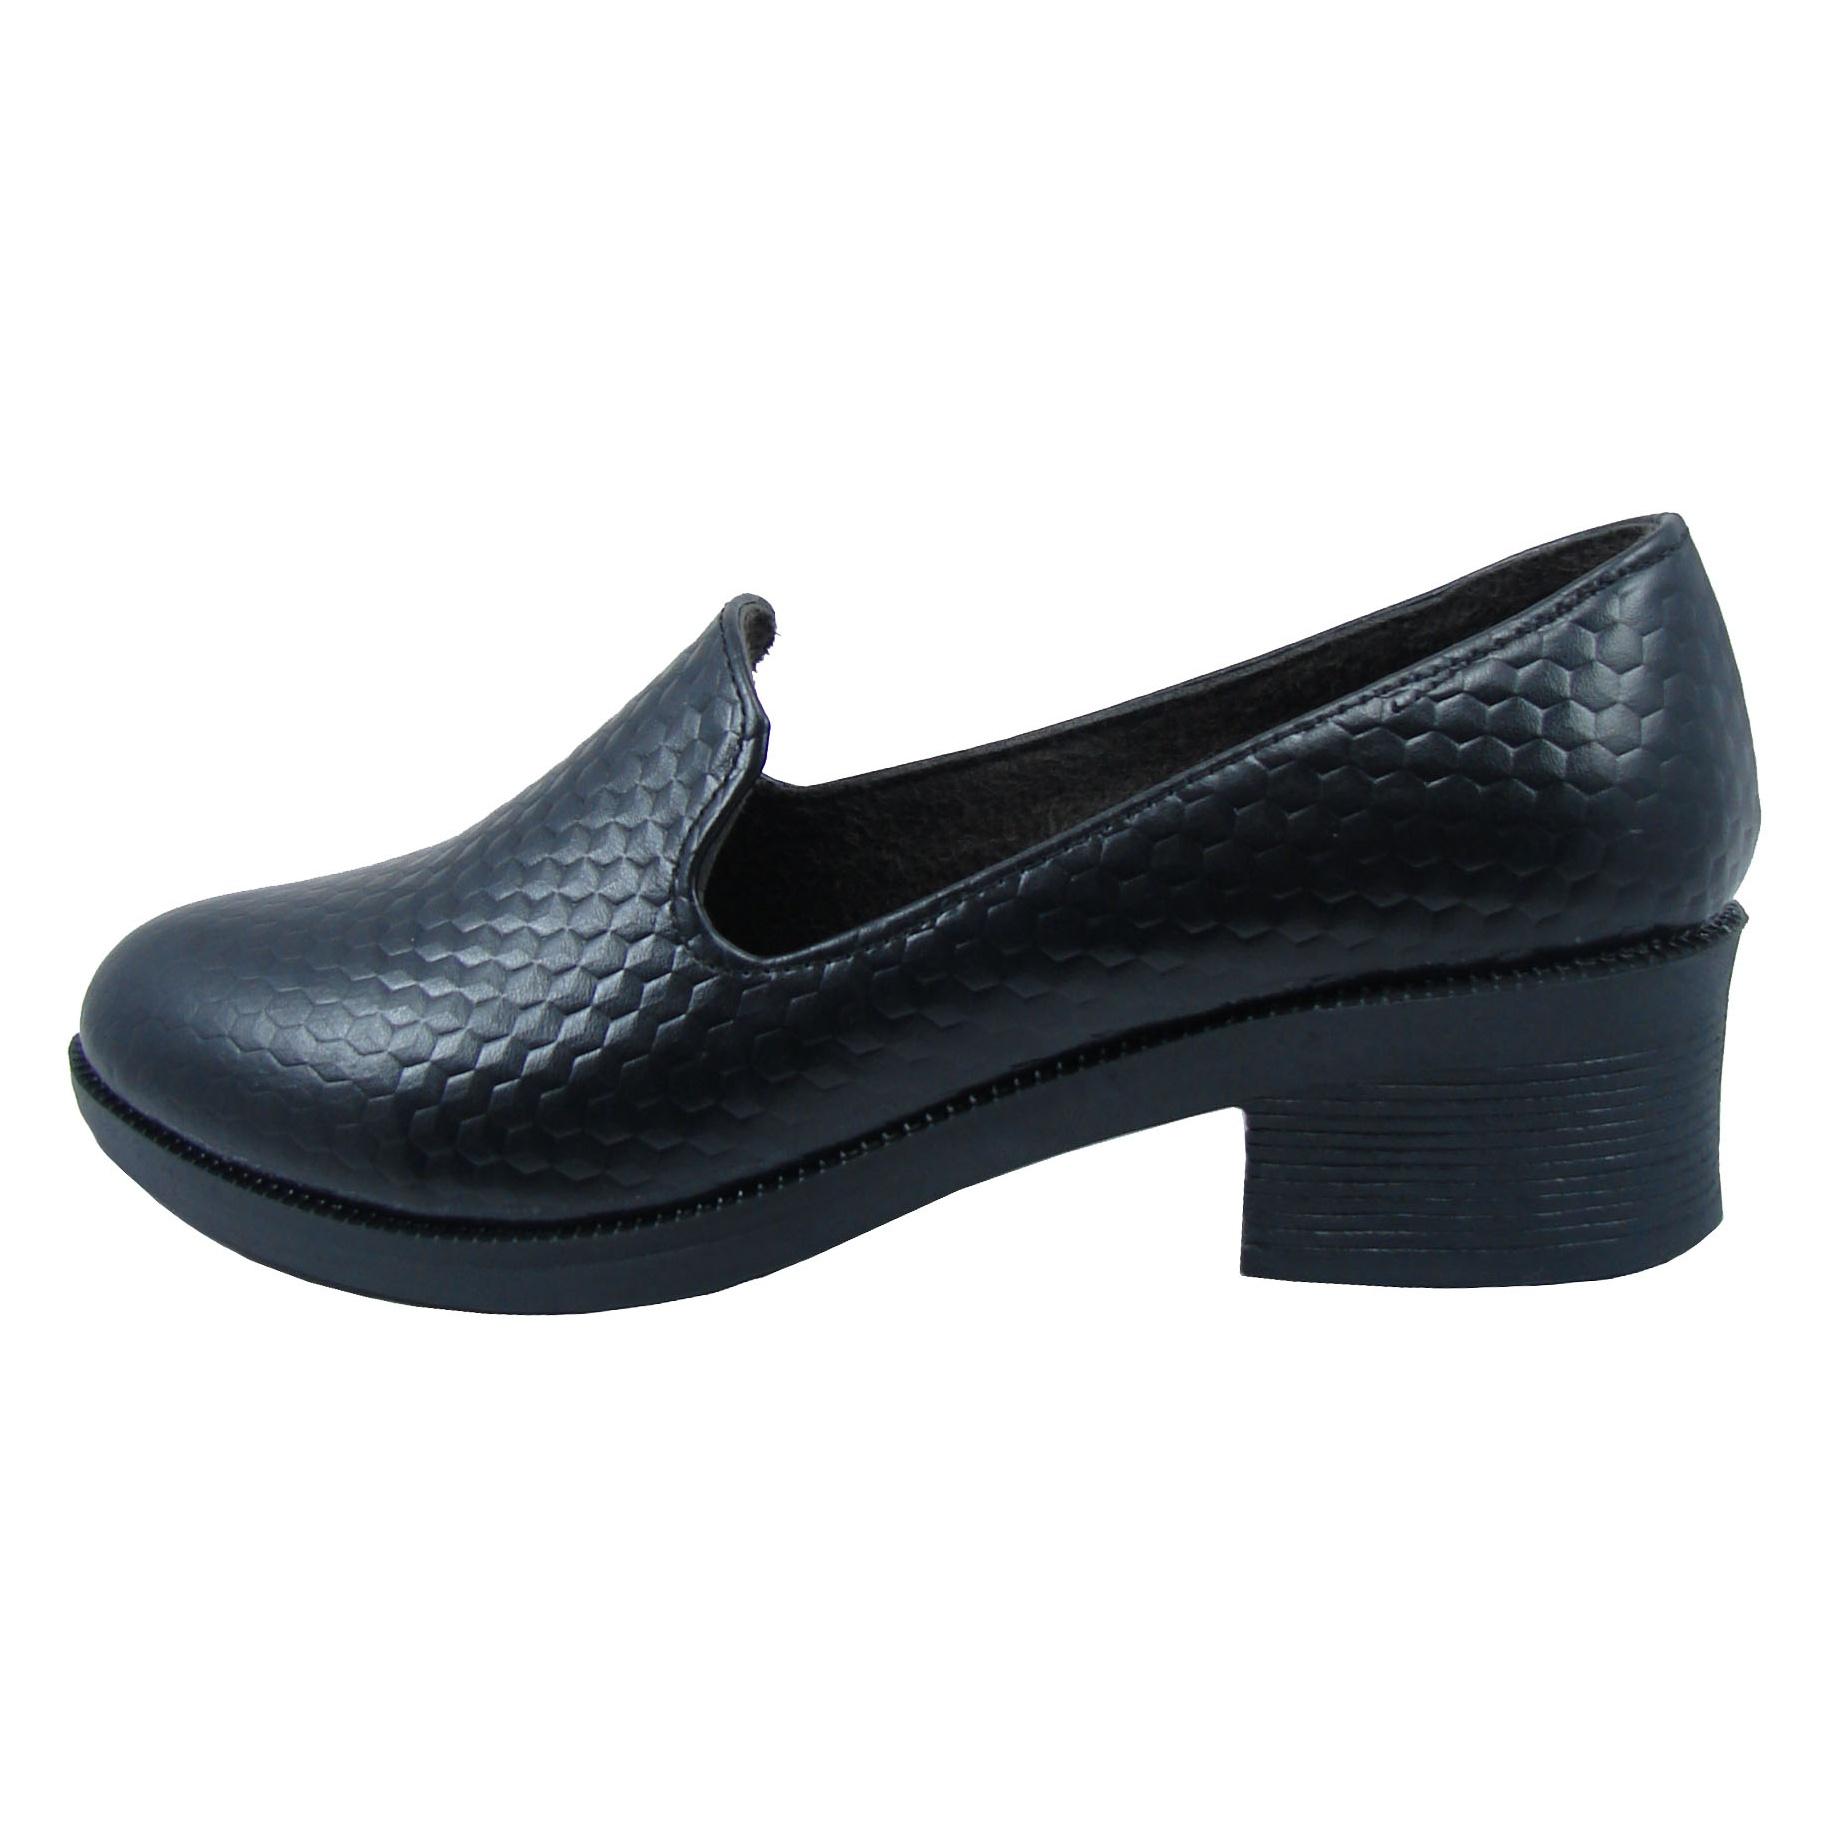 تصویر کفش زنانه مدل 0021